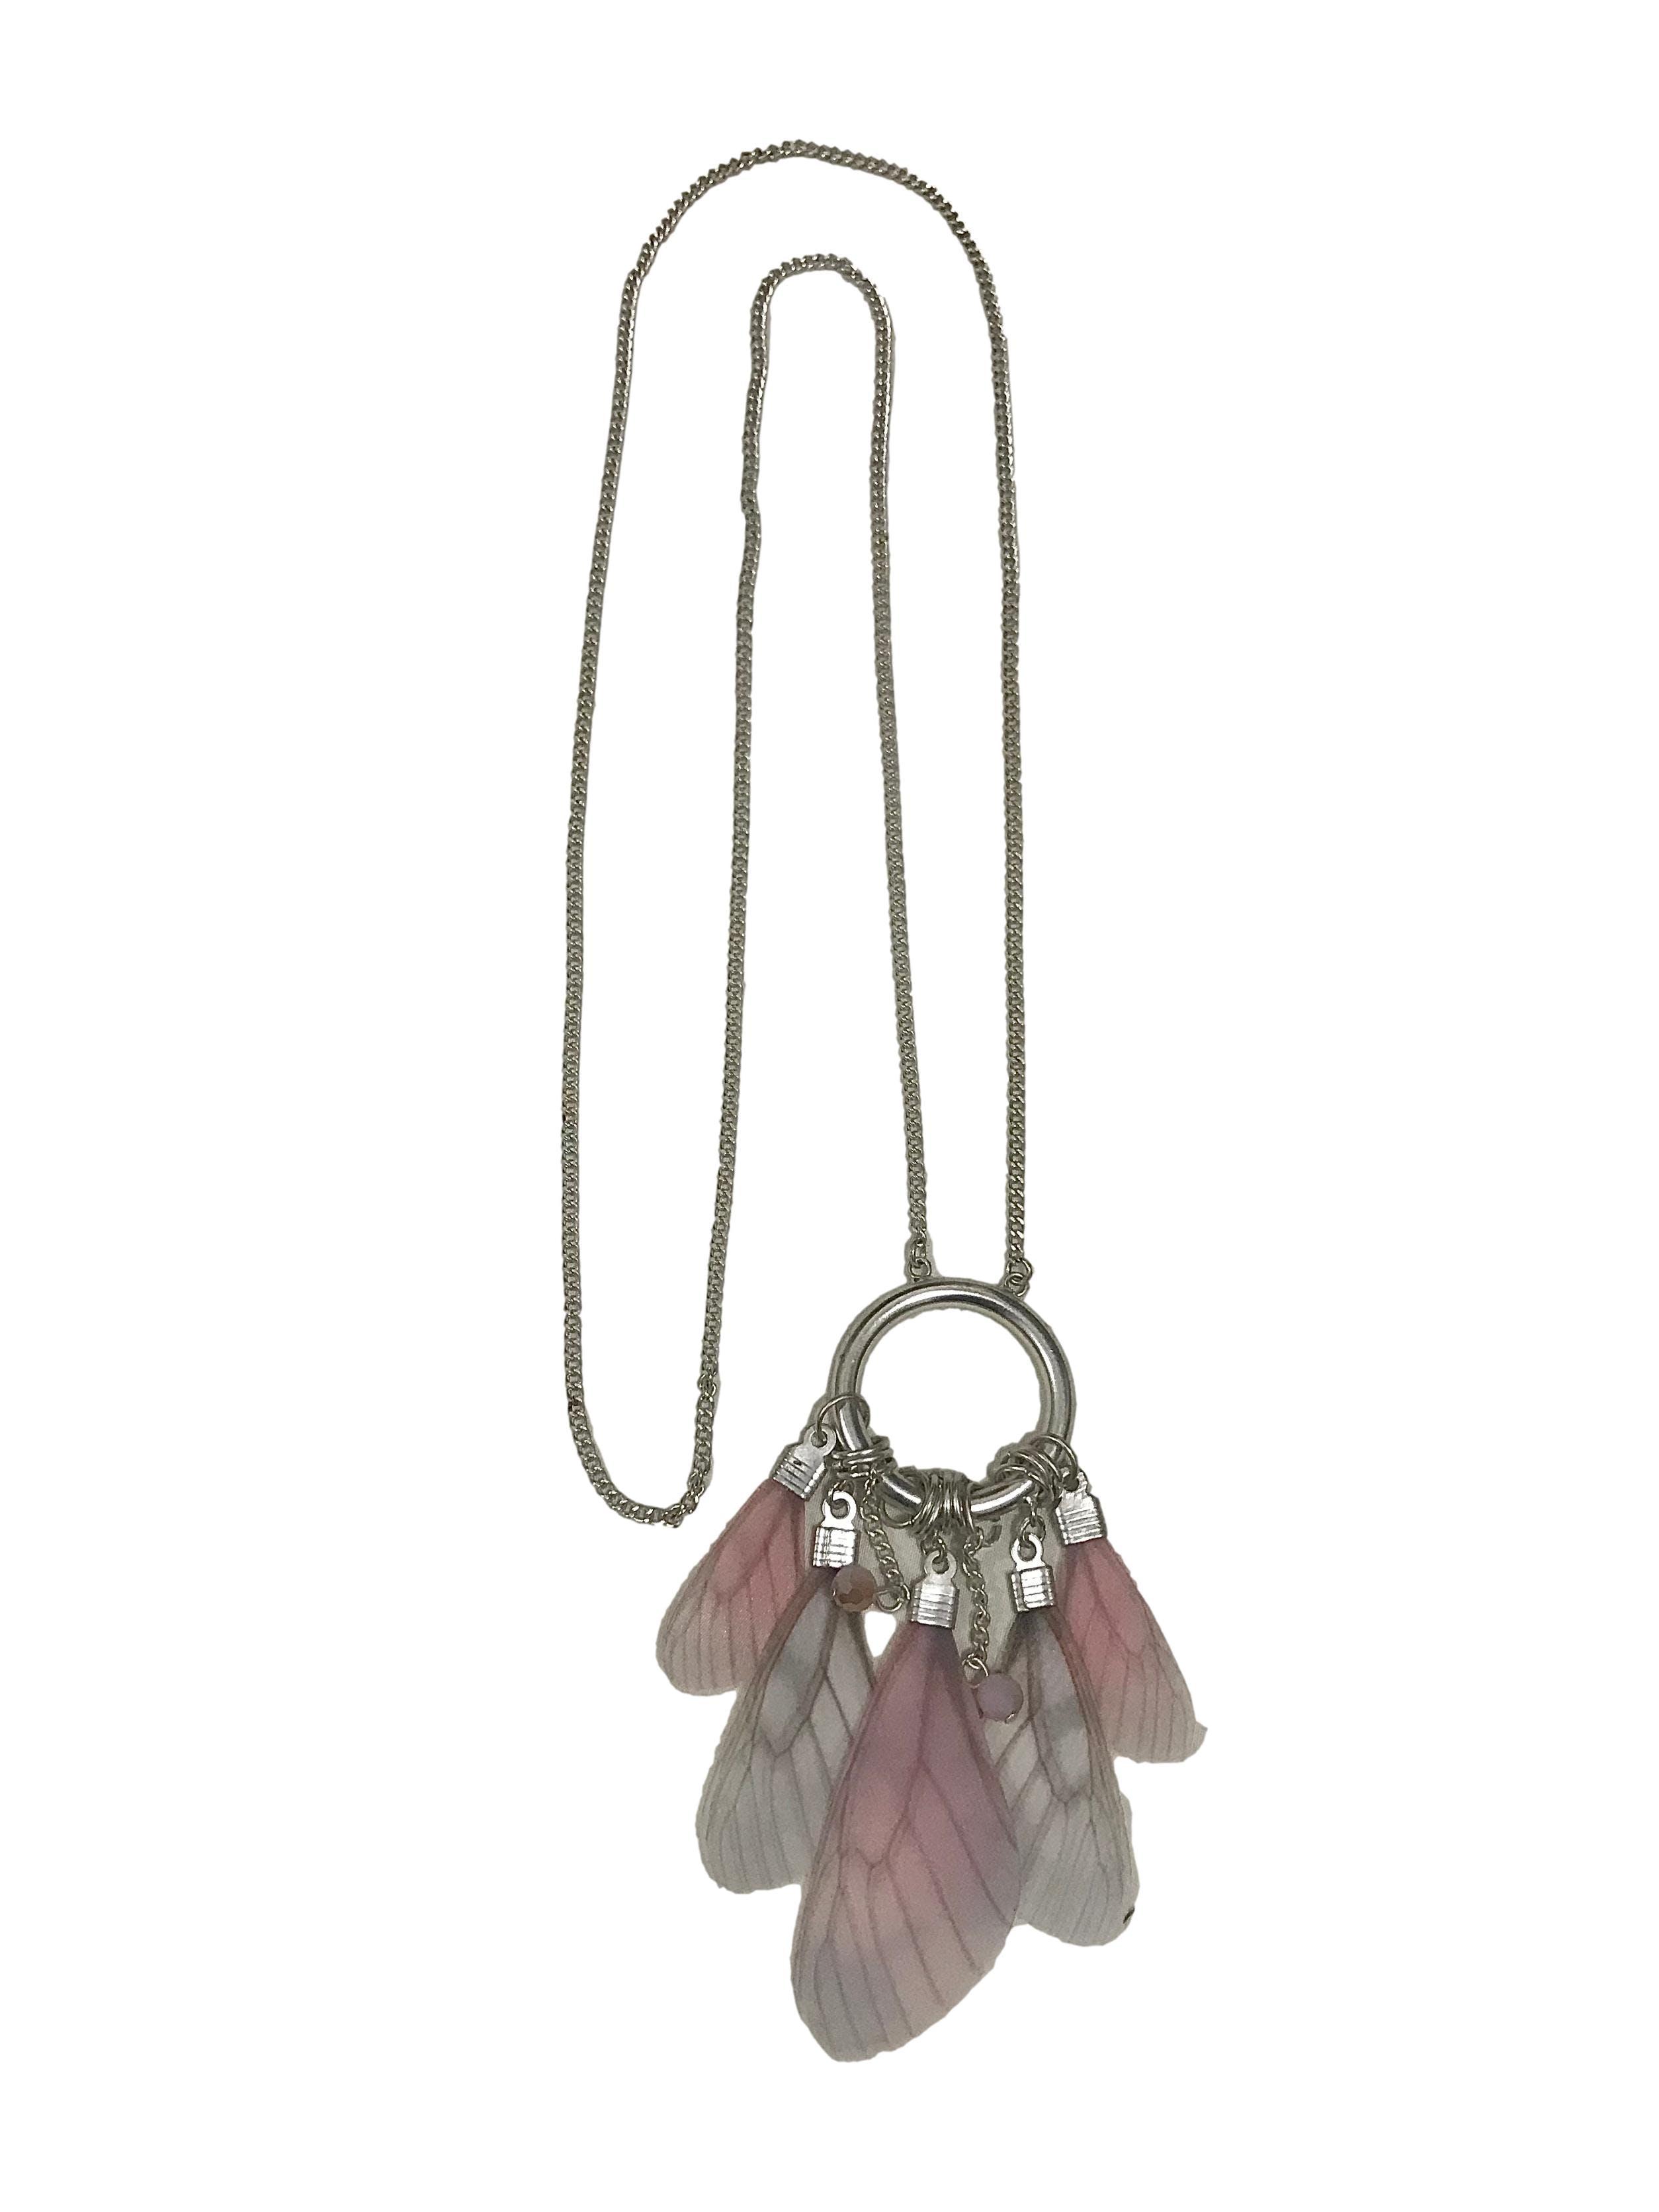 Collar cadena plateada con aro y colgante estilo alas de mariposa. Cadena 80cm Colgante 10cm